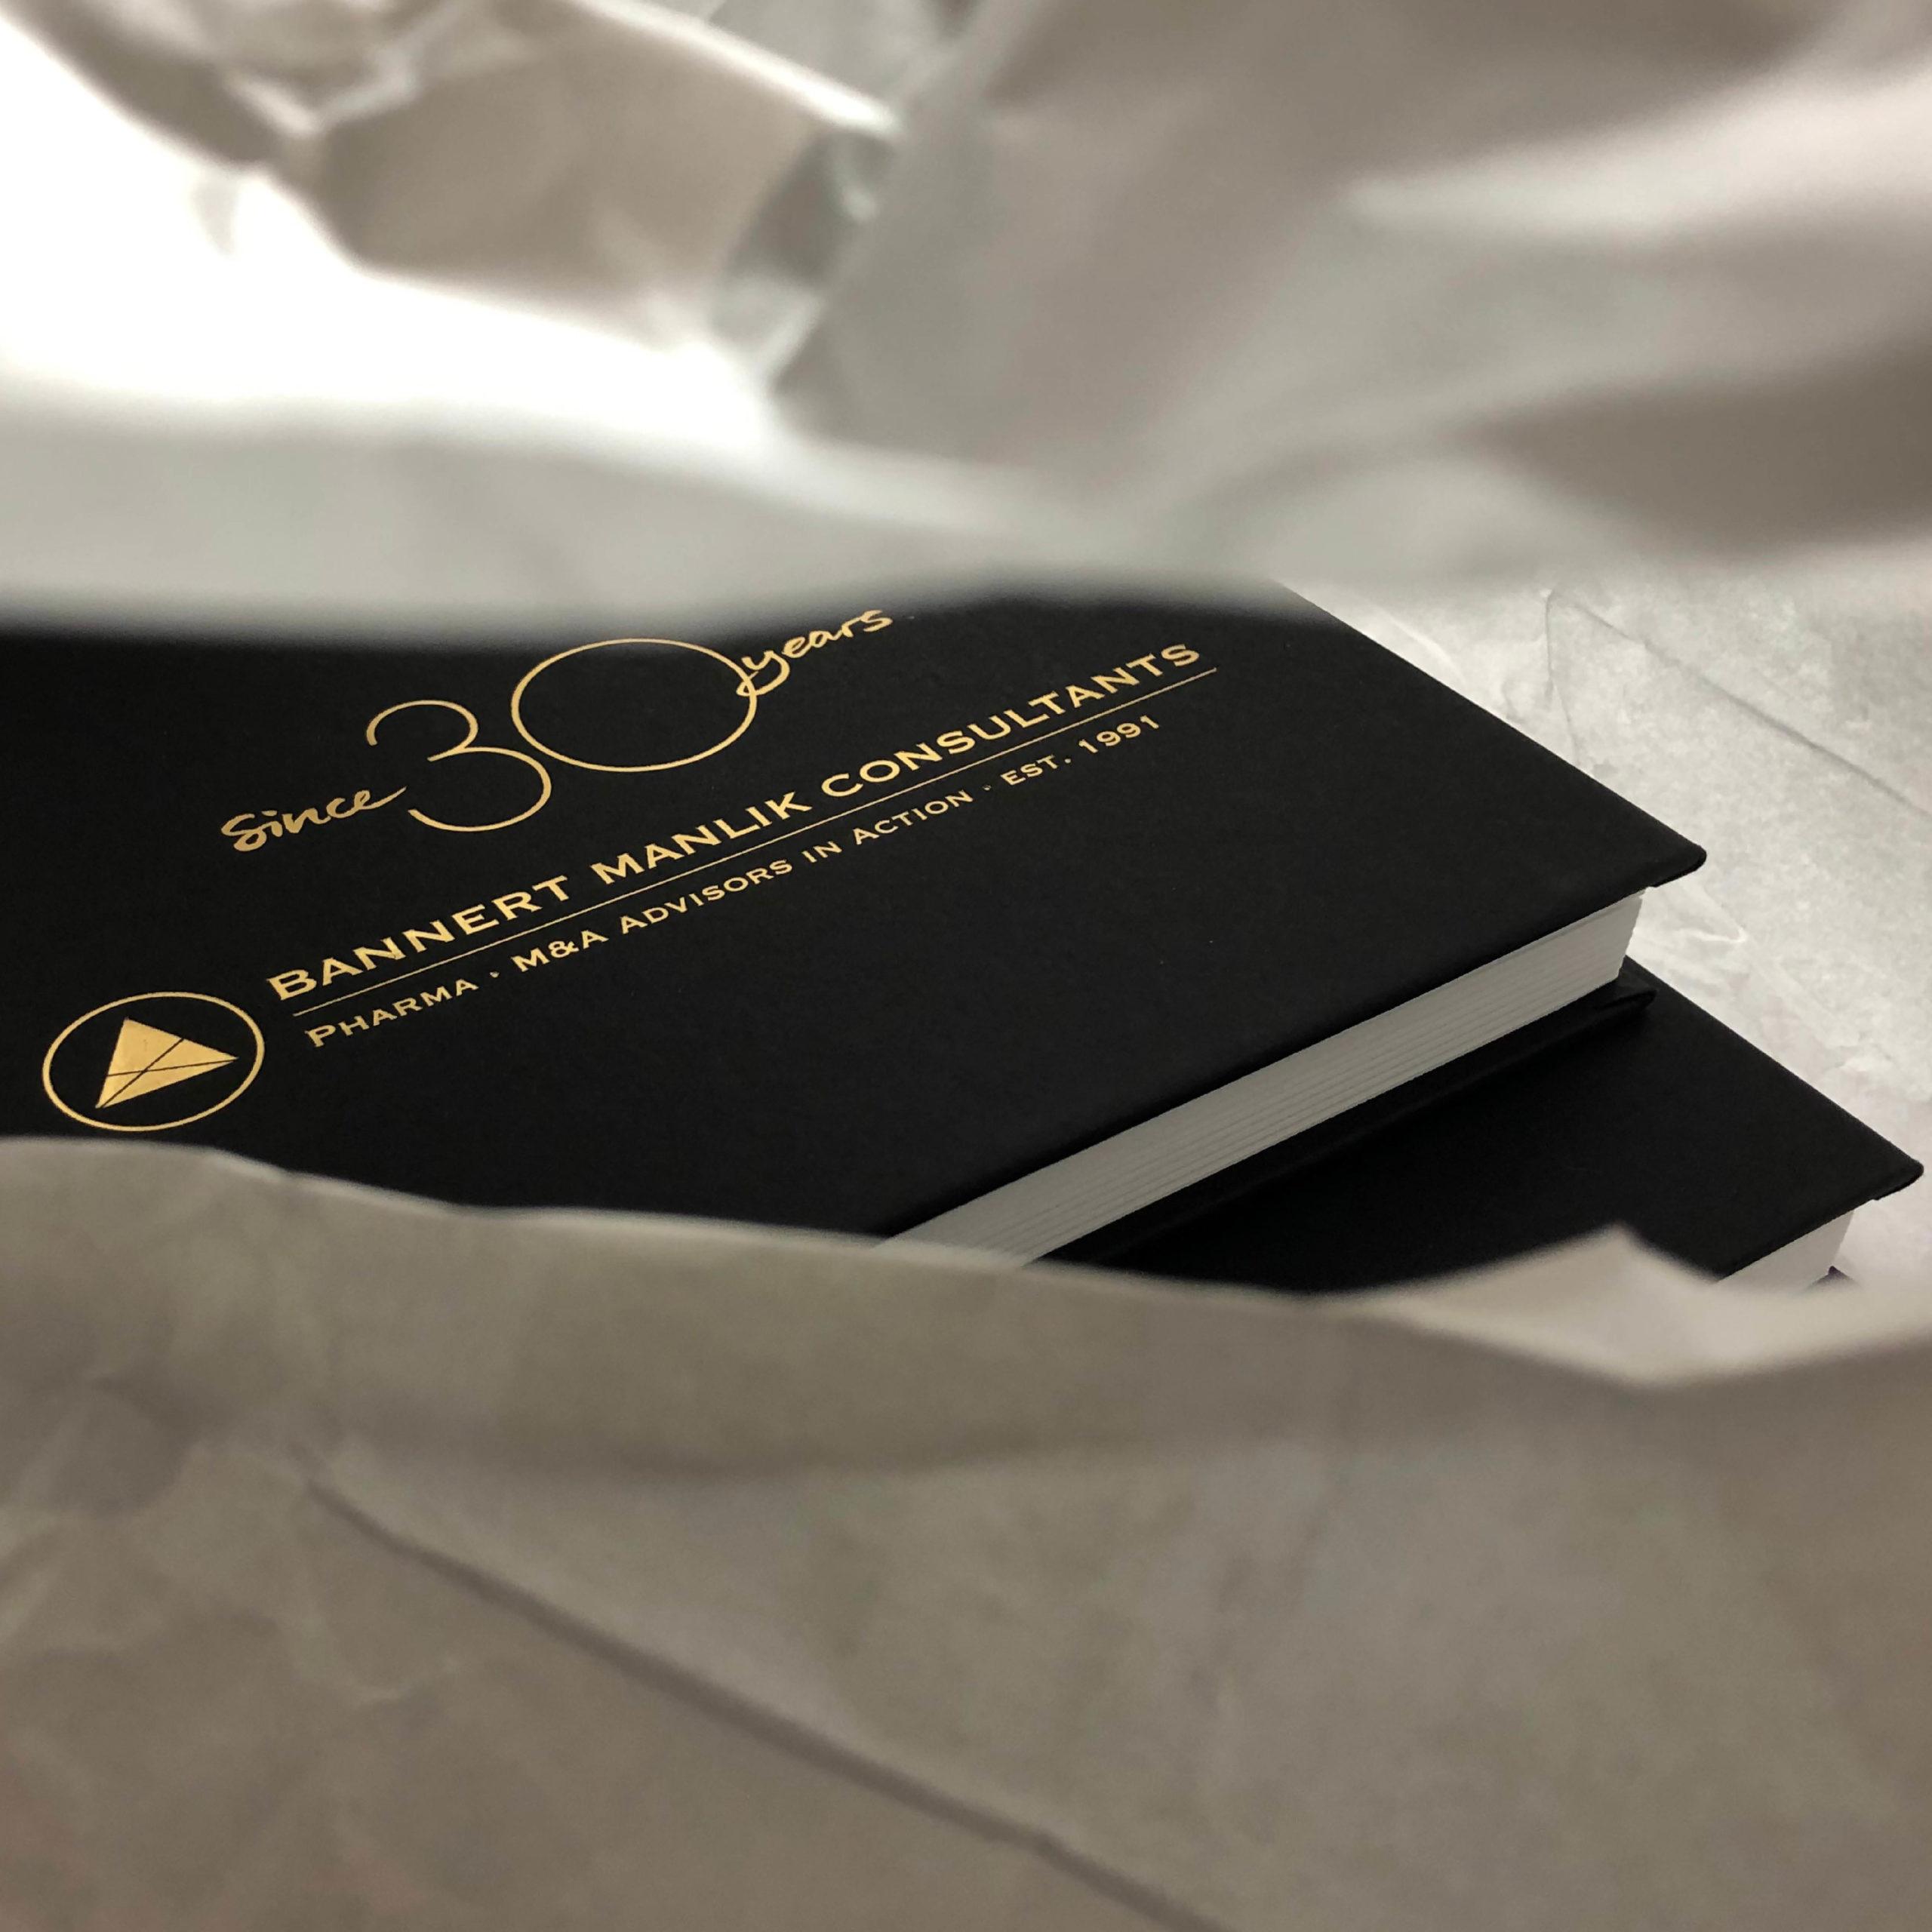 Design eines Notizbuches für Manilik Pharma Consultants